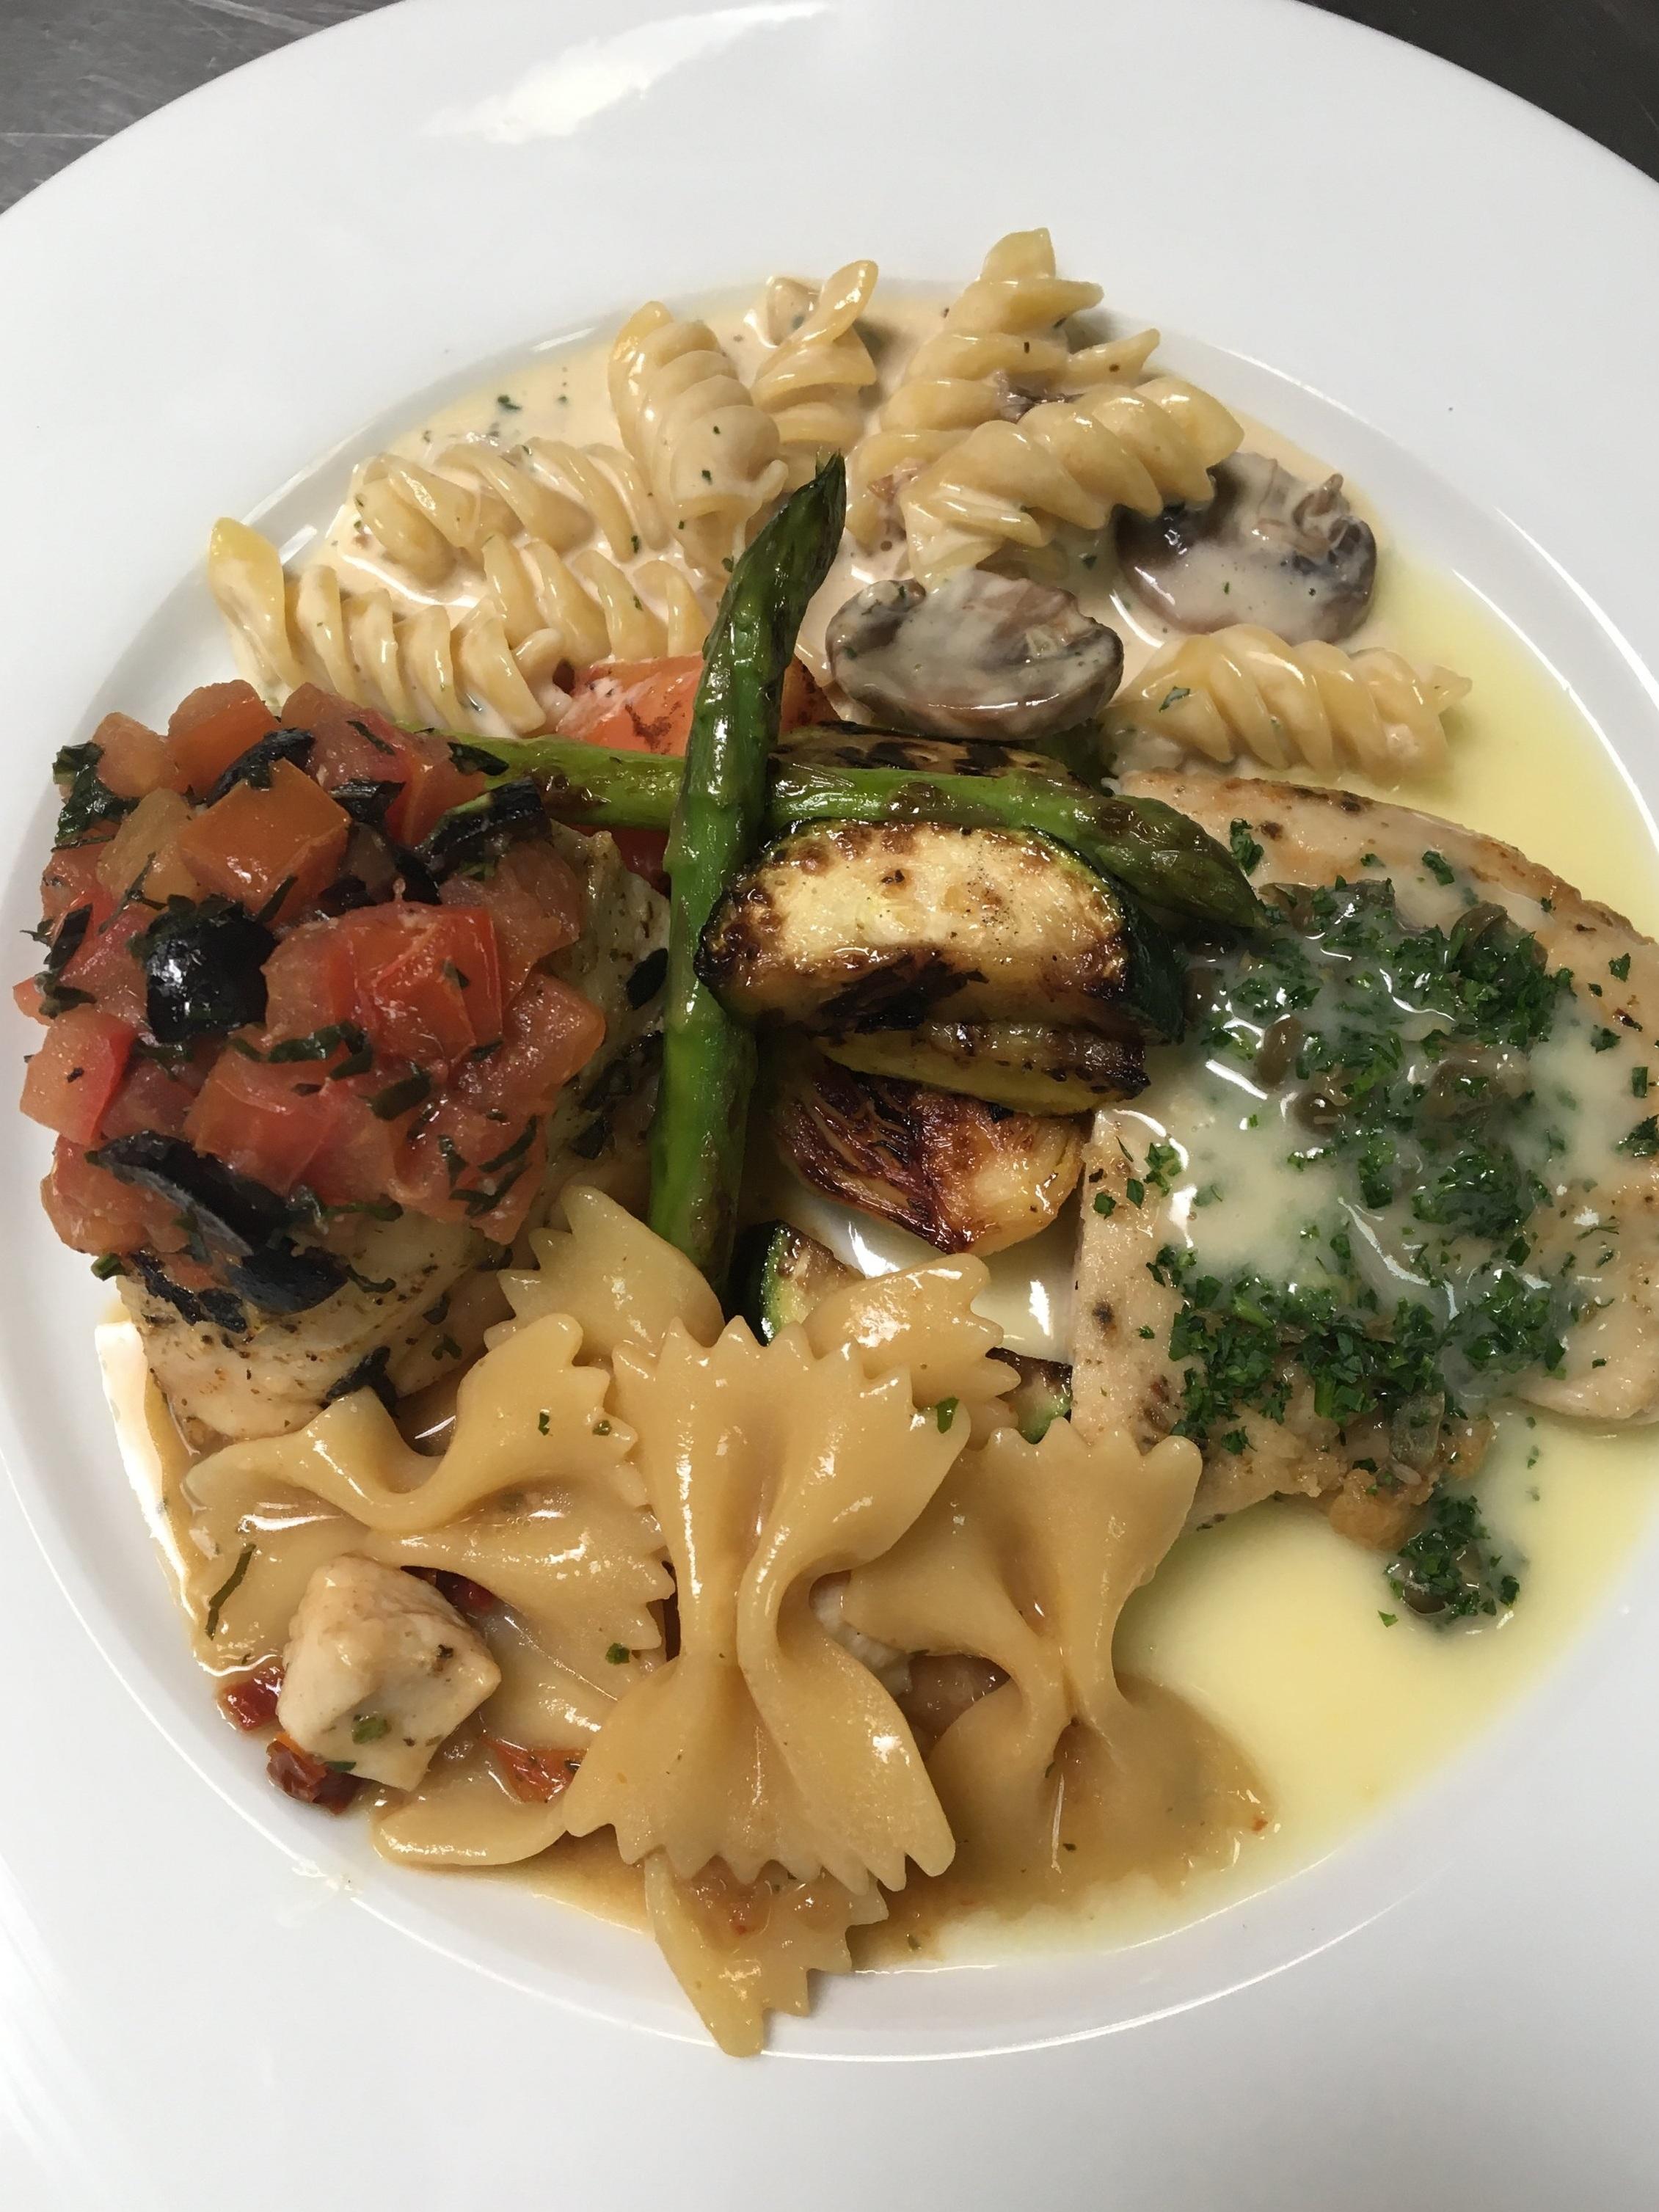 Grilled Mediterranean Herb Chicken Breast, Chicken Piccata, Porcini Pasta, Pasta Primavera, and Grilled Vegetable Medley